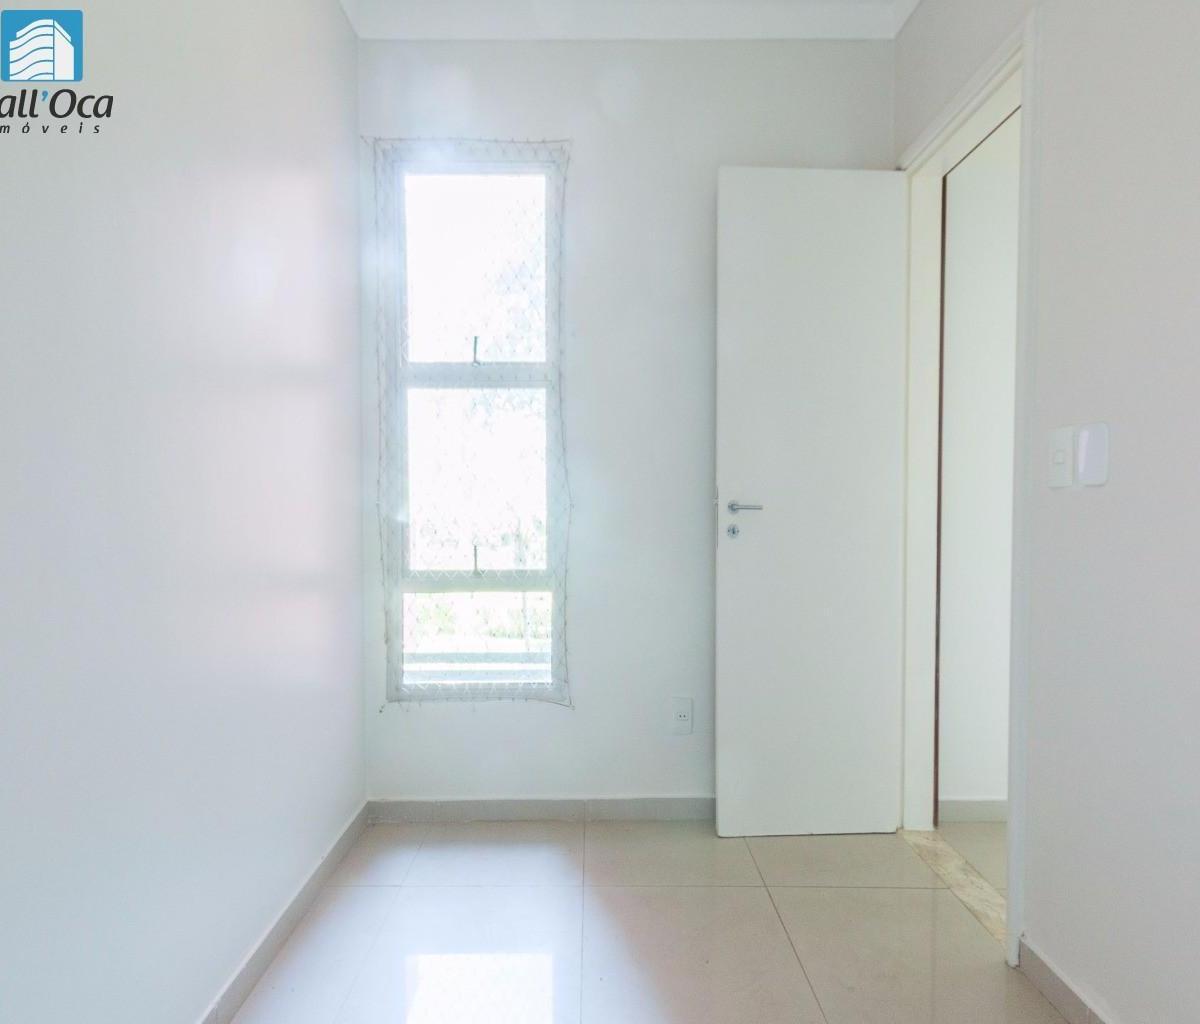 Imagens de #247FA7 Apartamento para aluguel com 2 Quartos Asa Norte Brasília R$ 2  1200x1024 px 3096 Box Banheiro Asa Norte